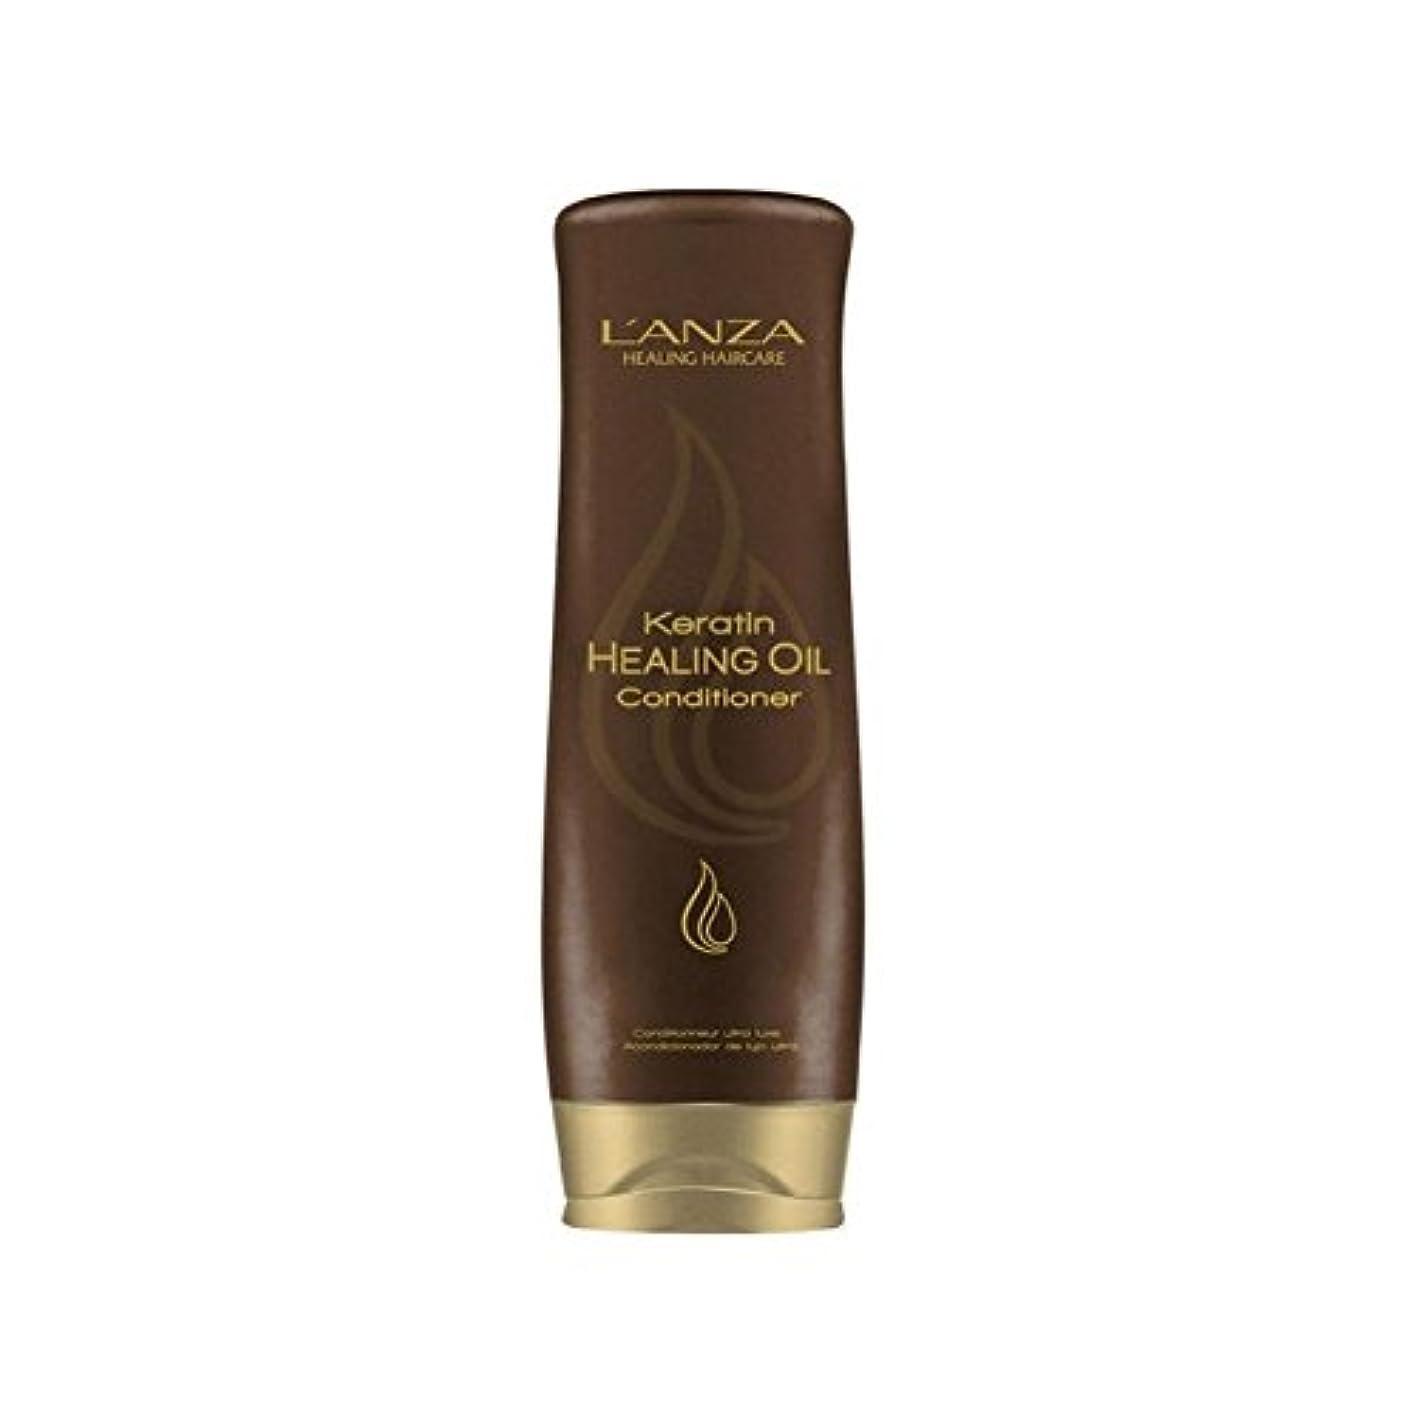 クリエイティブジョガーアメリカアンザケラチンオイルコンディショナー(250ミリリットル)を癒し x2 - L'Anza Keratin Healing Oil Conditioner (250ml) (Pack of 2) [並行輸入品]